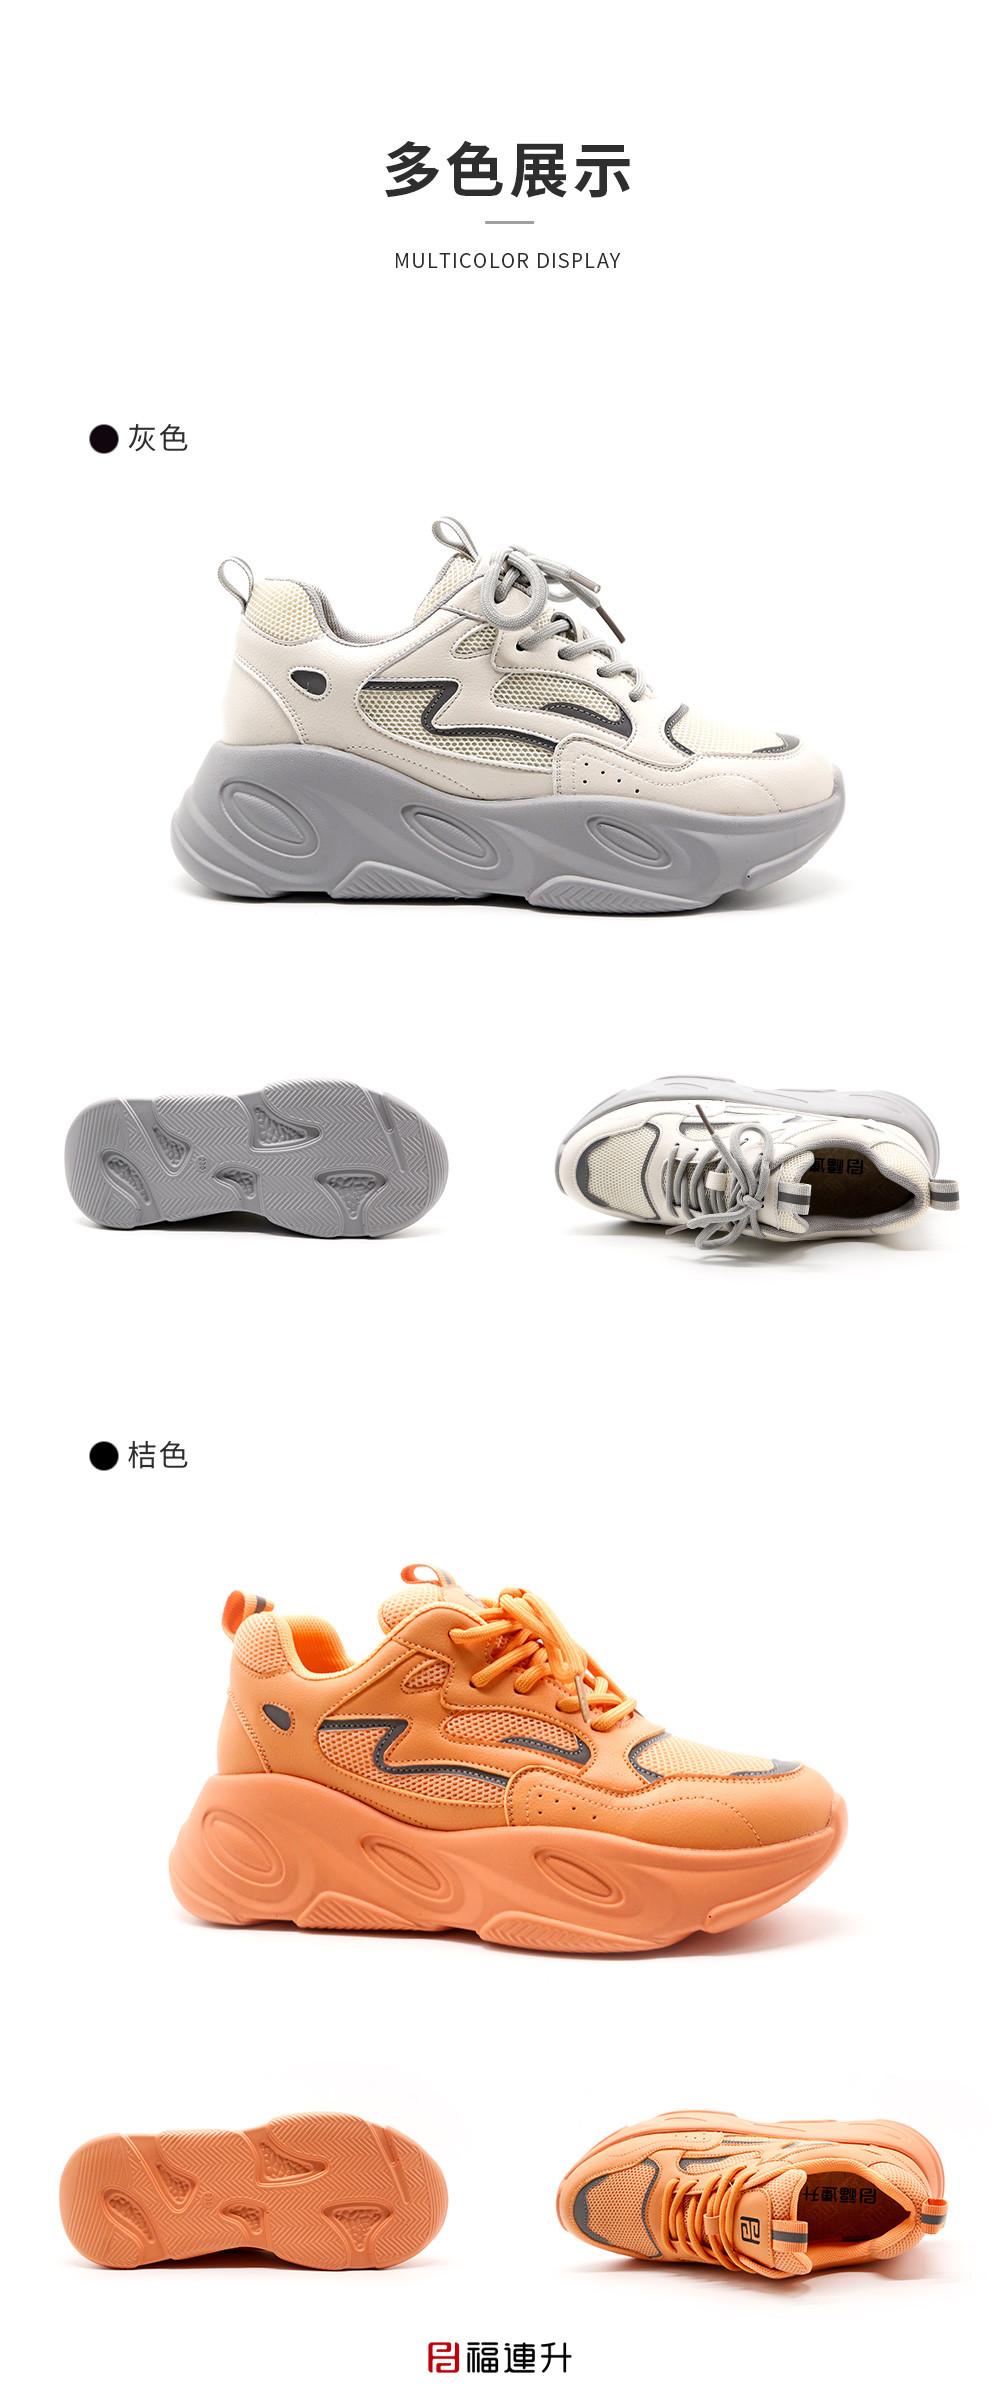 福连升老爹鞋女ins潮鞋时尚休闲棉麻透气运动鞋图片